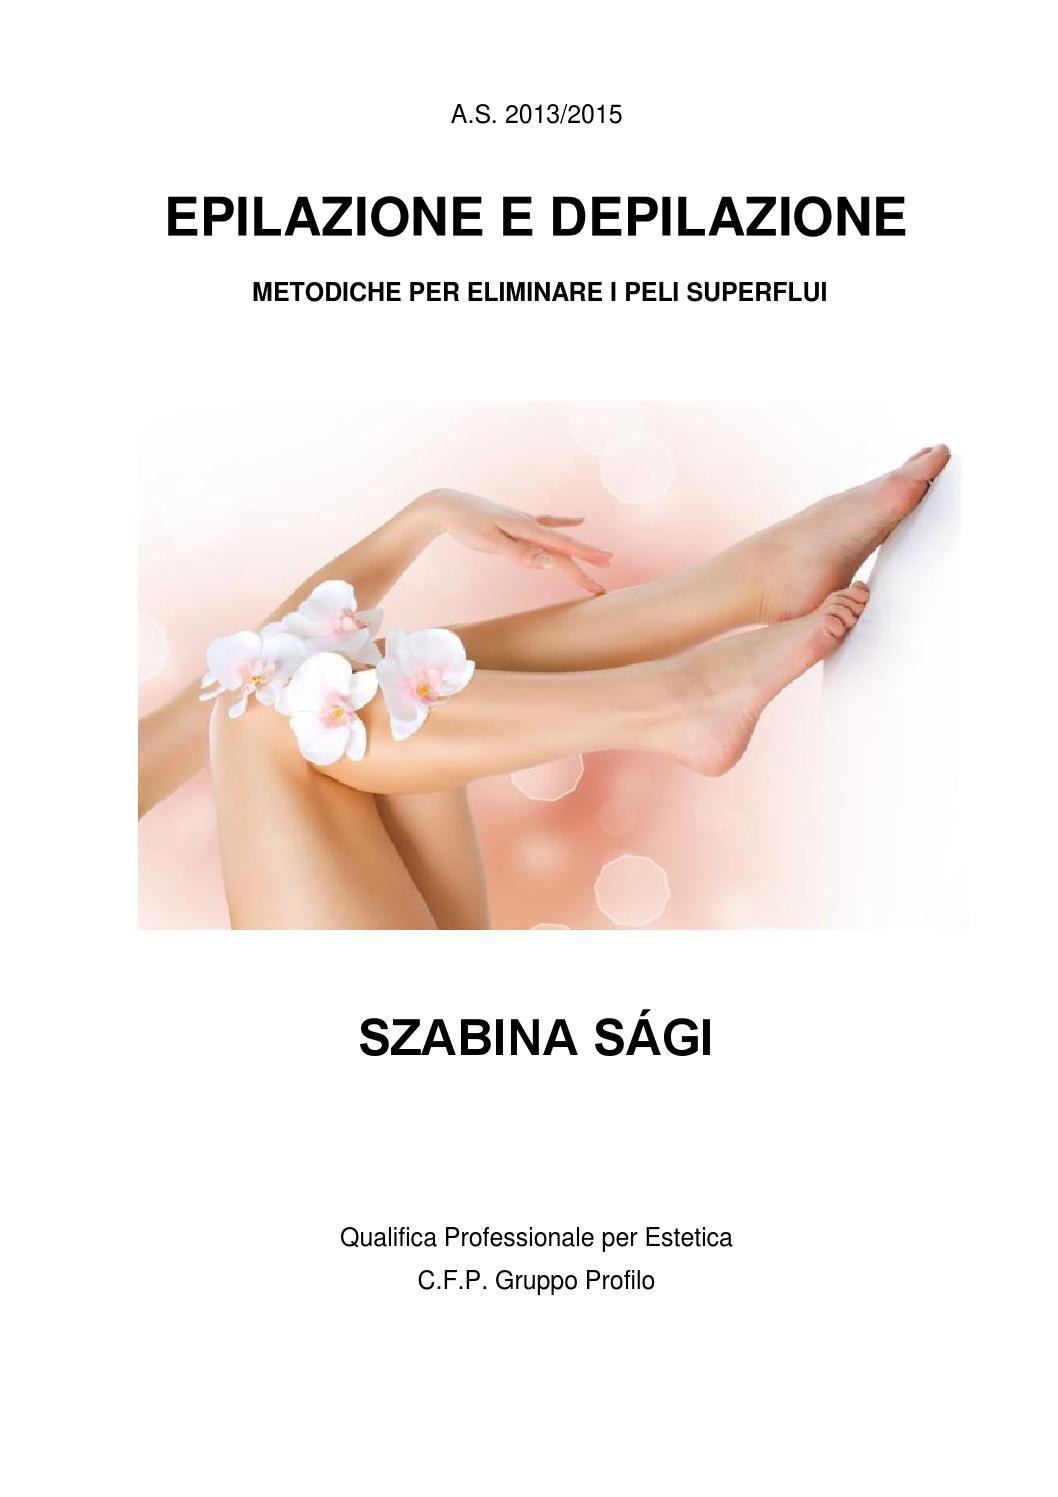 tesina depilazione epilazione